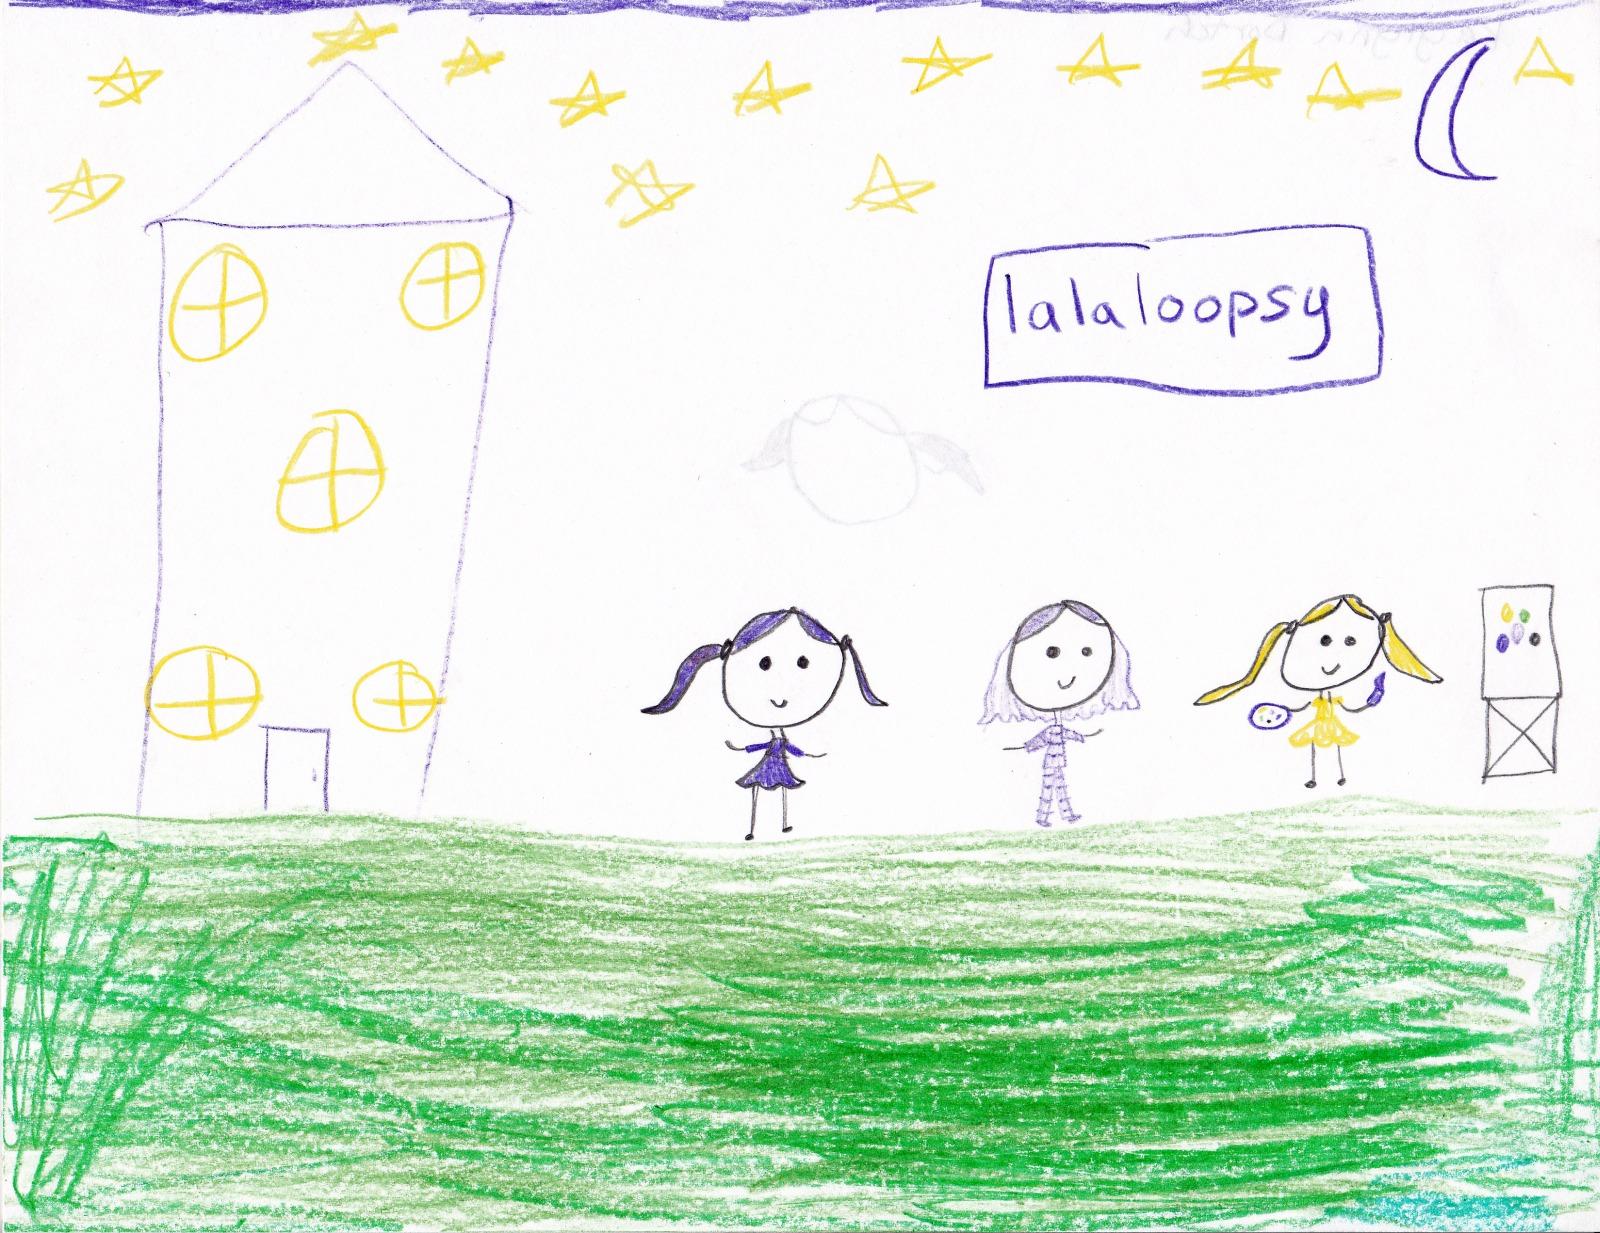 Lalaloopsy, artwork by Kaylynn Dortch